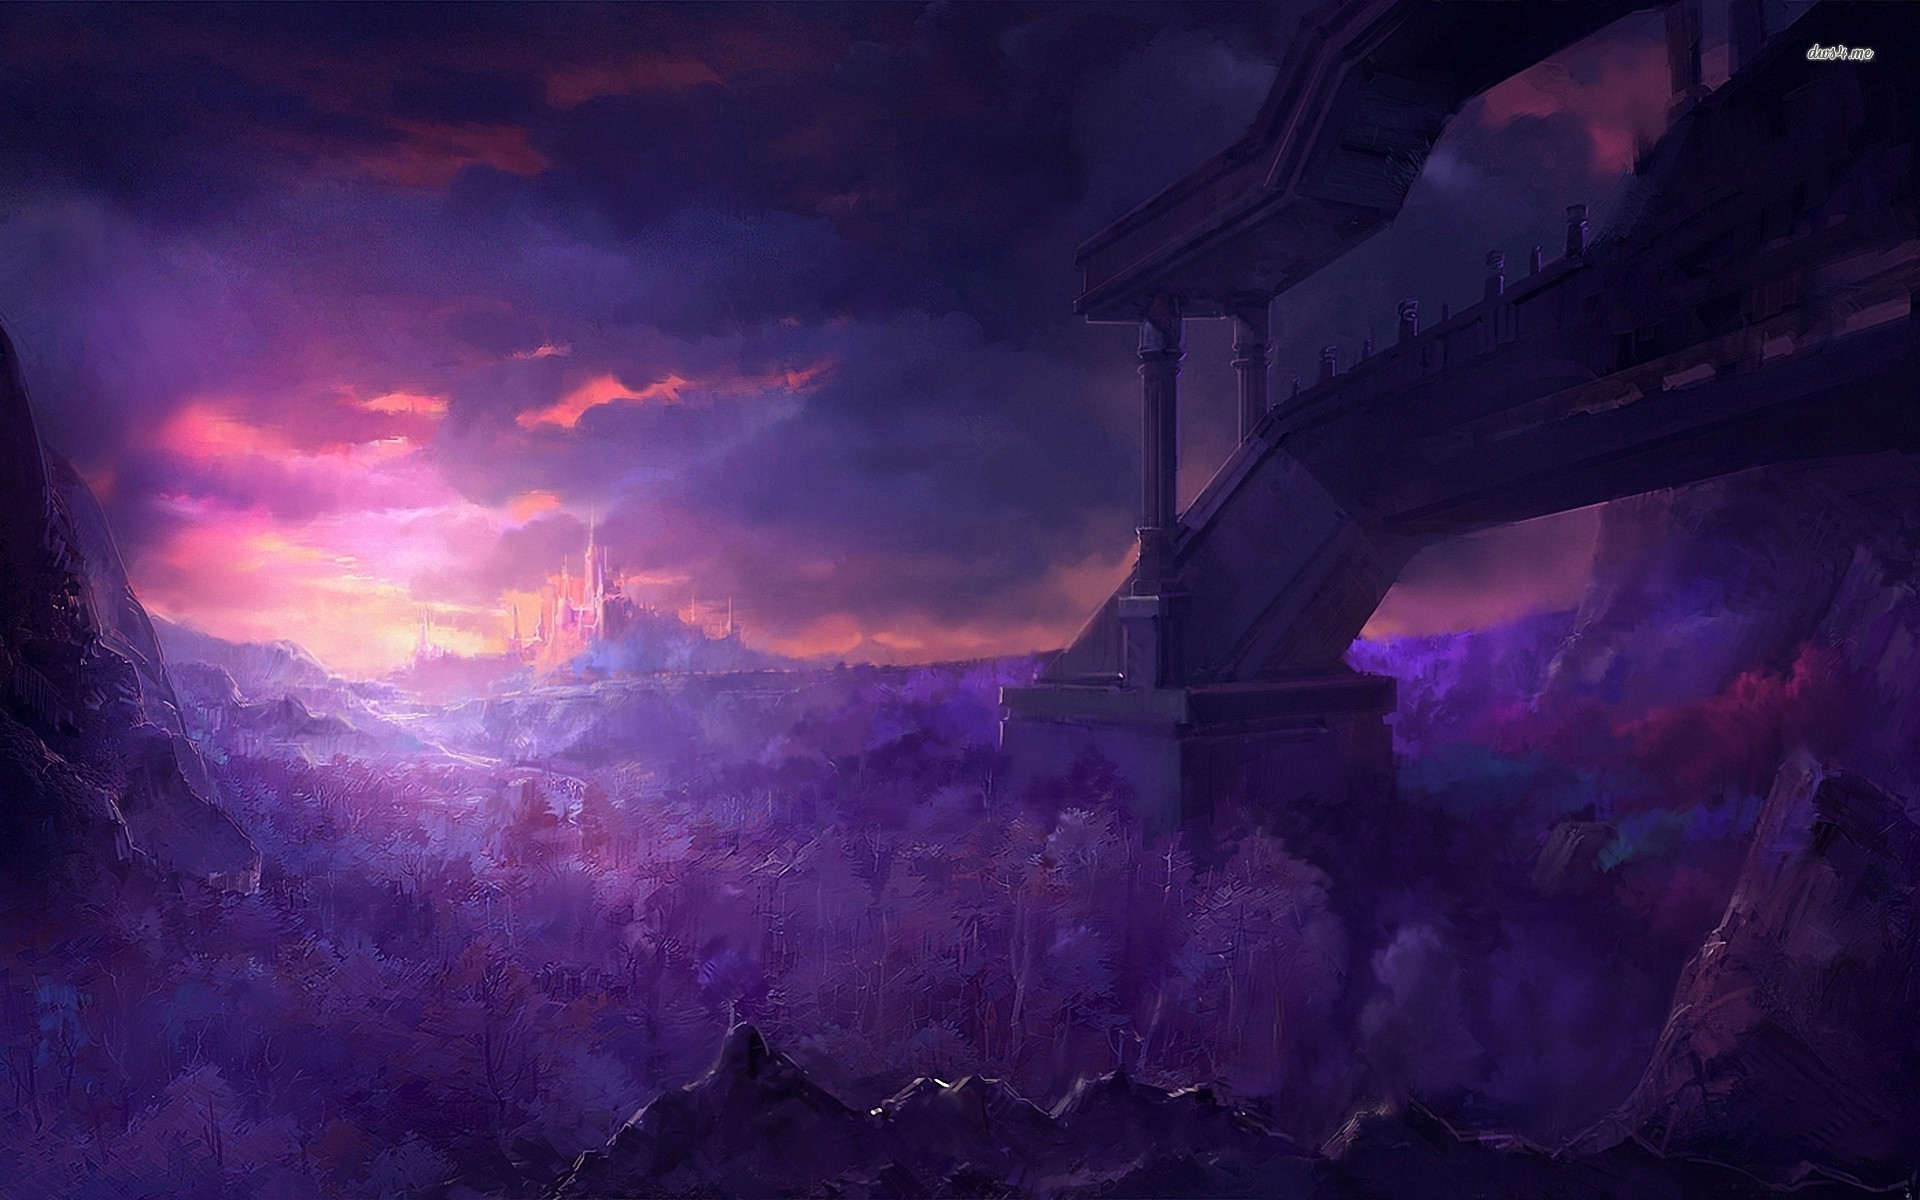 Image – Castle-under-the-purple-sky-fantasy-hd-wallpaper-70872.jpg    Creepypasta Wiki   FANDOM powered by Wikia